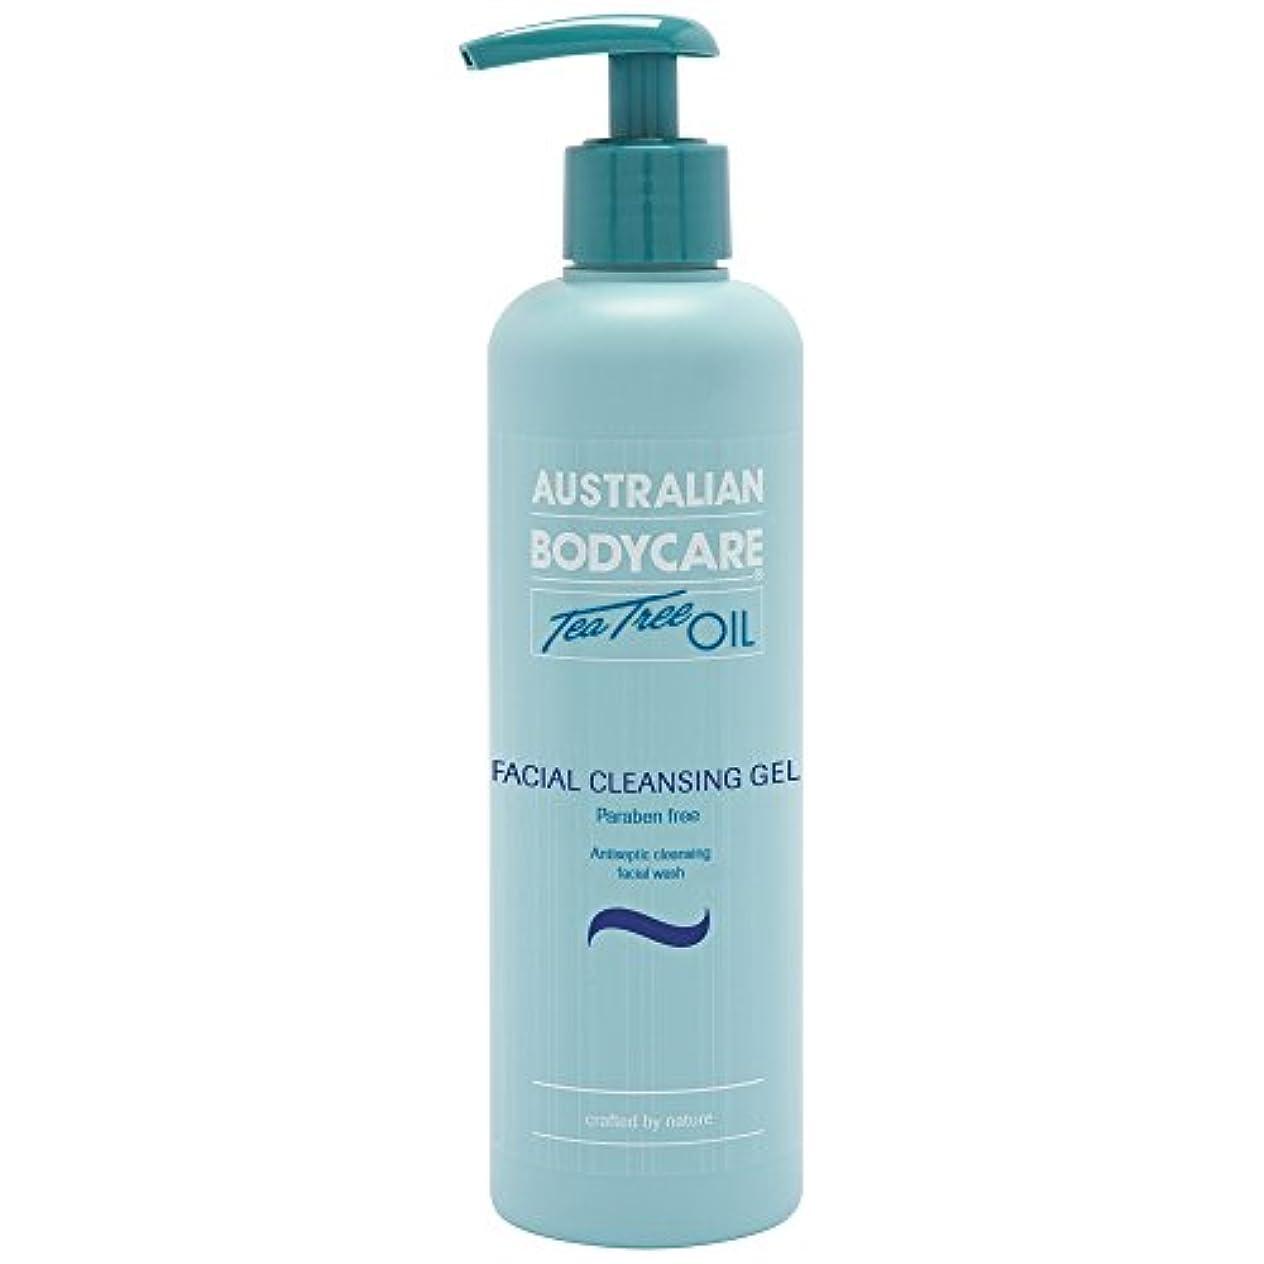 公橋打ち負かすオーストラリアのボディーケアティーツリーオイル洗顔ゲル250ミリリットル (Australian Bodycare) (x6) - Australian Bodycare Tea Tree Oil Facial Cleansing...